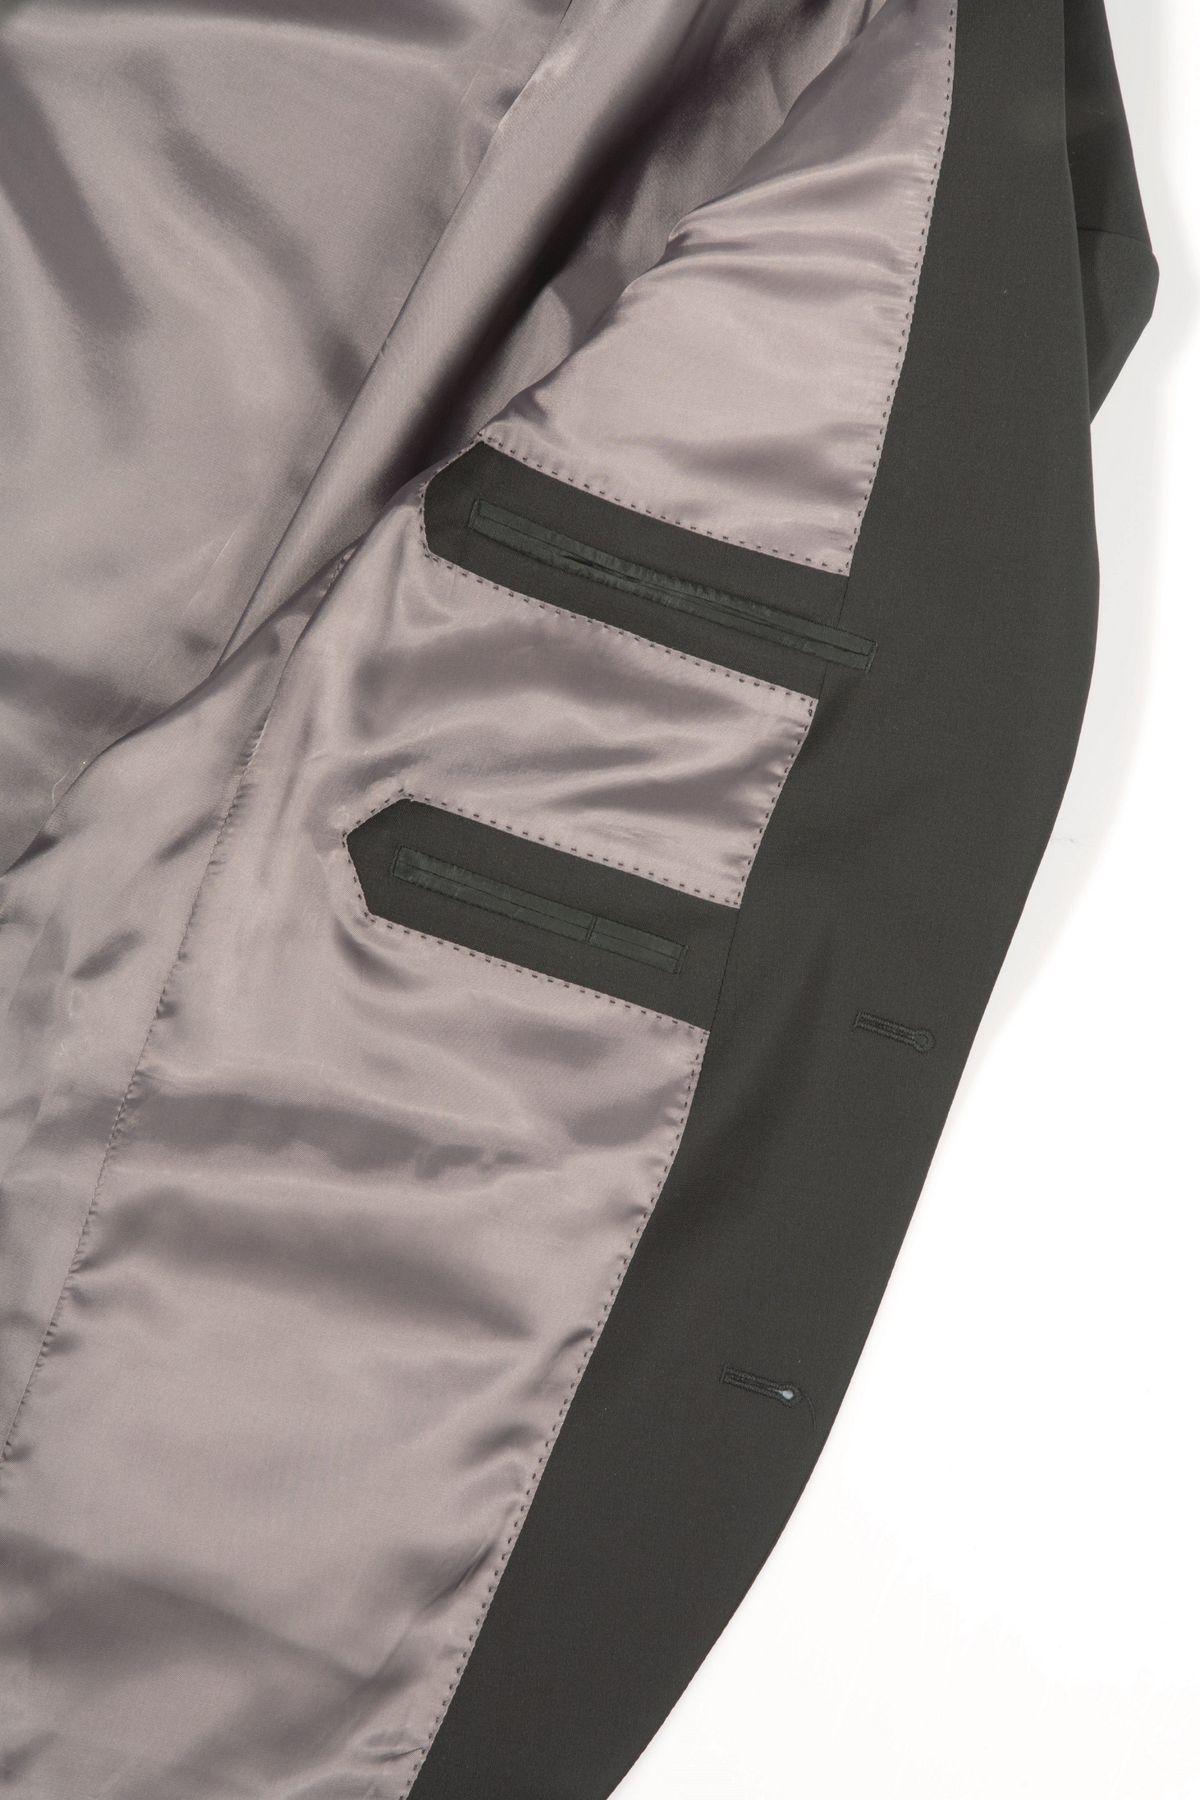 Herren Anzug aus reiner Schurwolle, Marke Lanificio Tessile D'Oro, Stil: Regular Fit, in Farbe Braun, Art. Marco/Cream  (Art.Nr.: 949700) – Bild 2